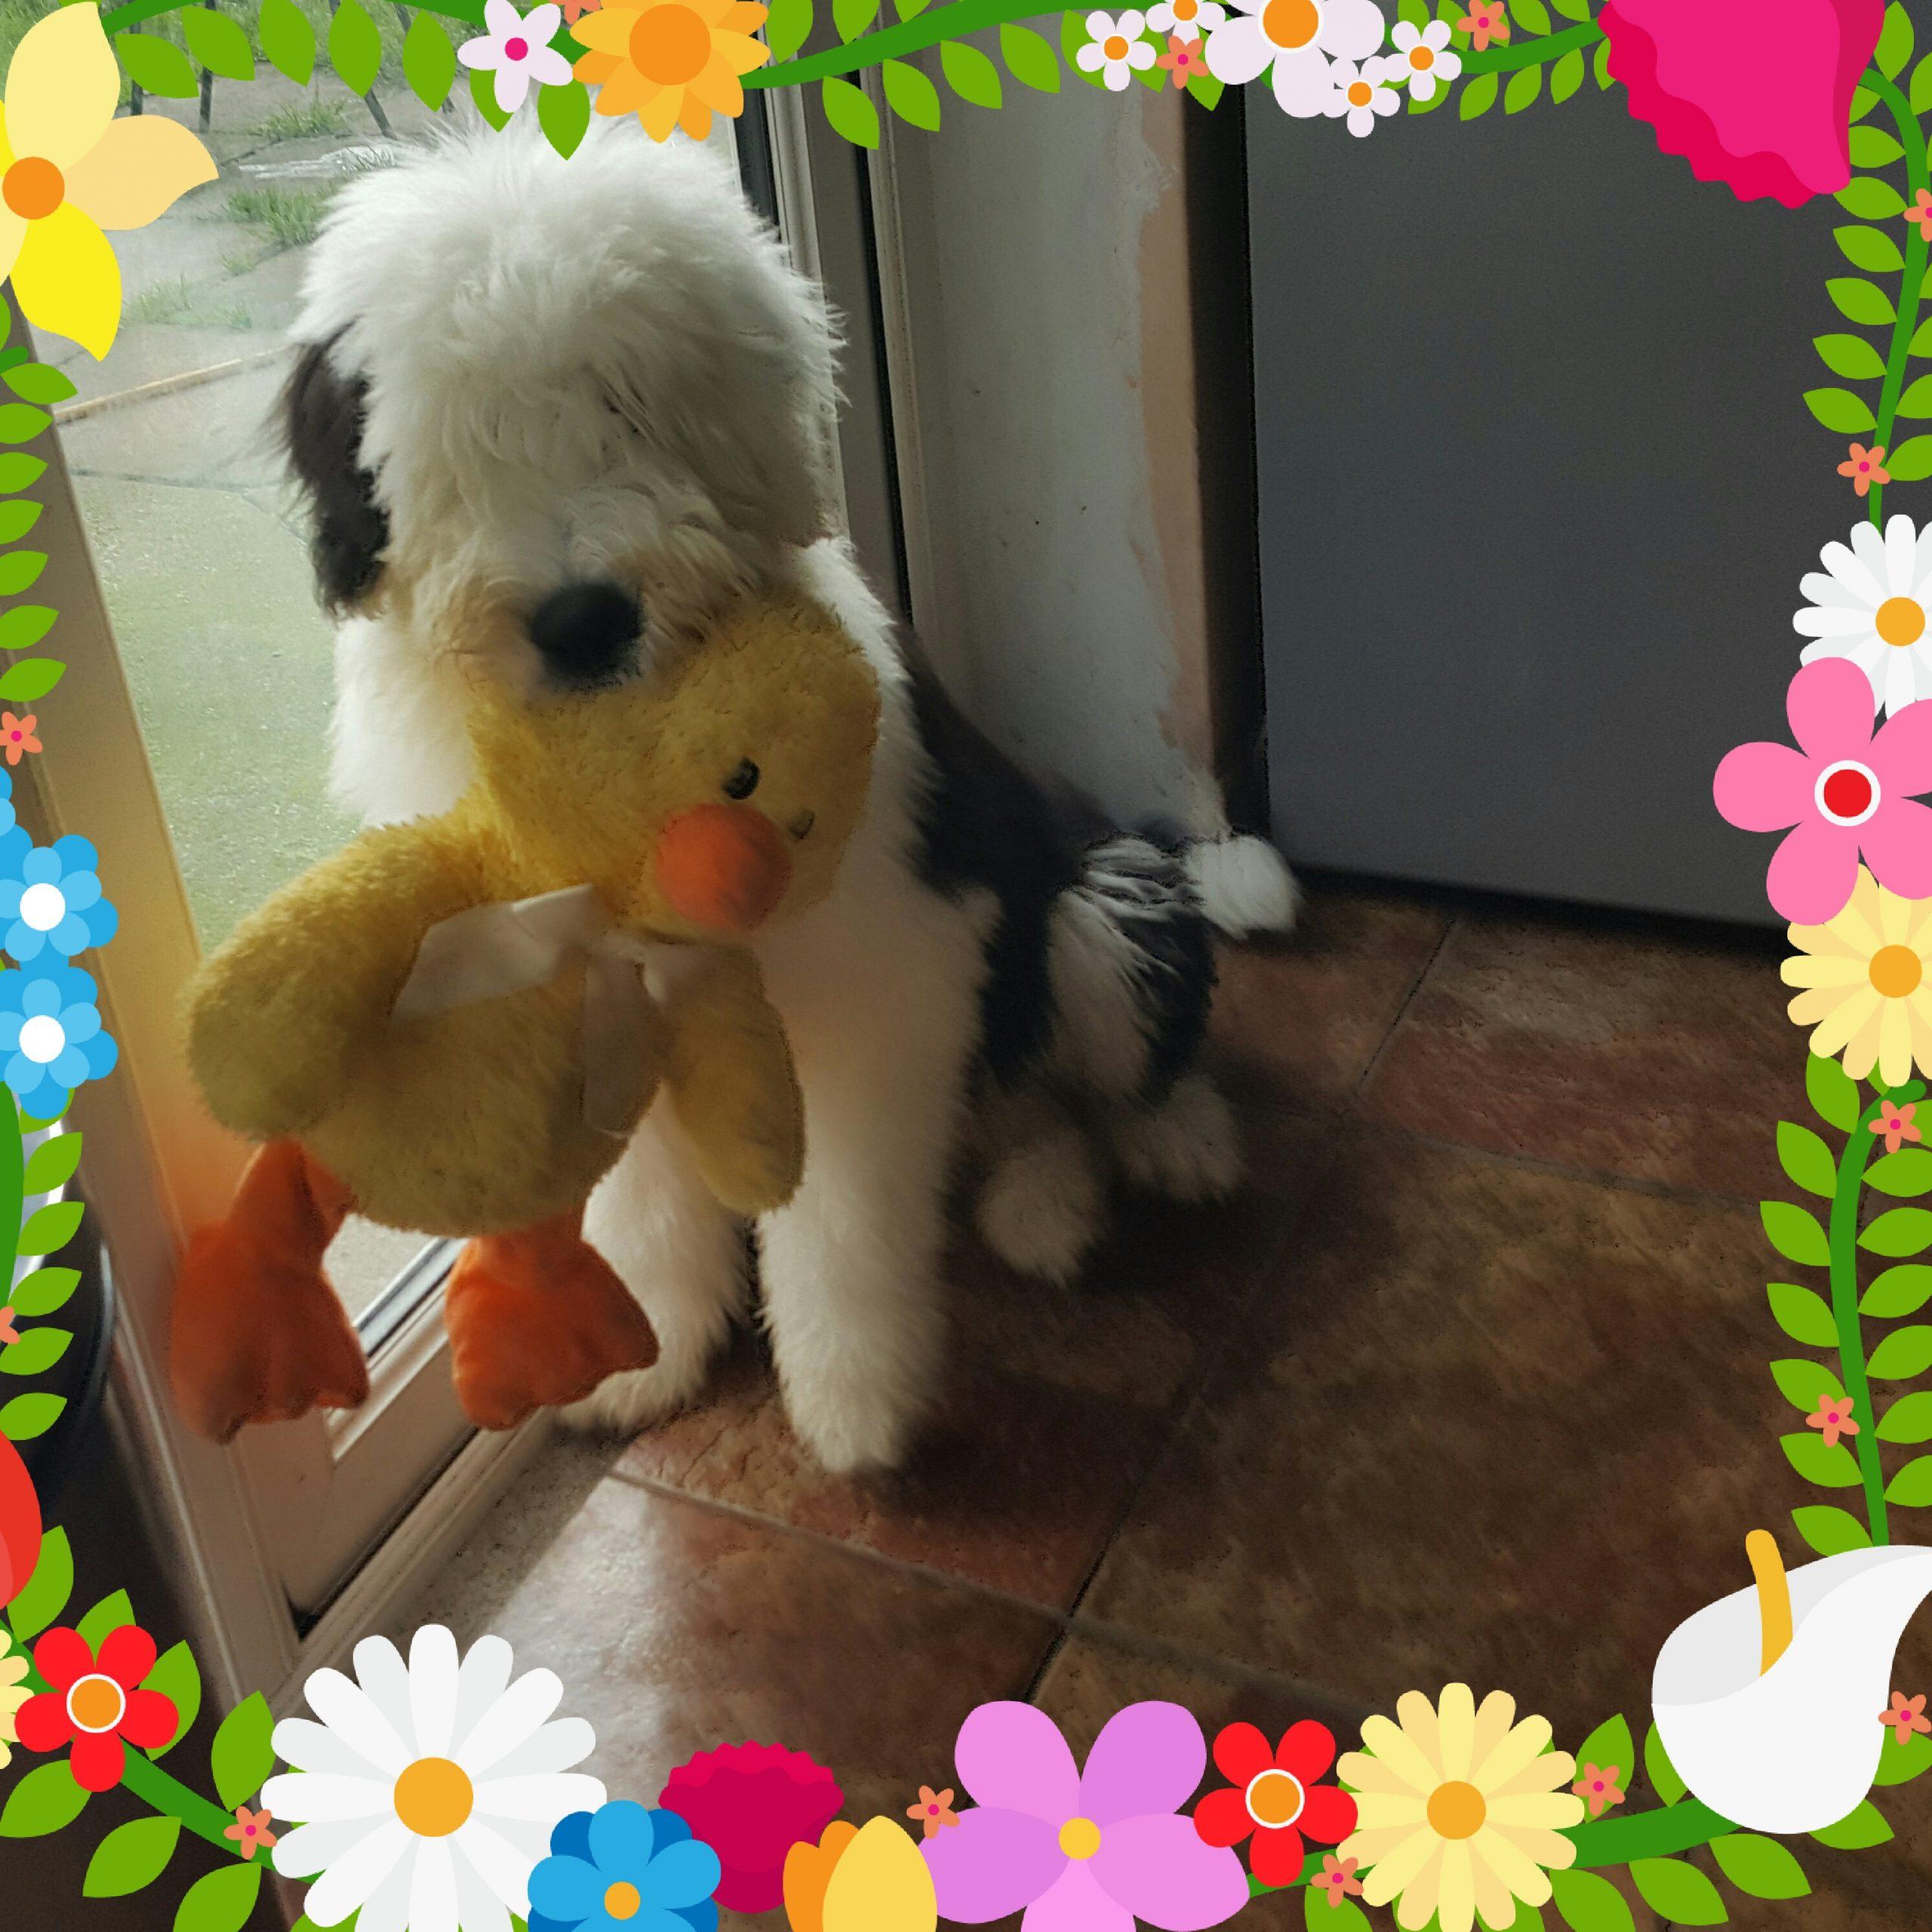 dog with plush toys